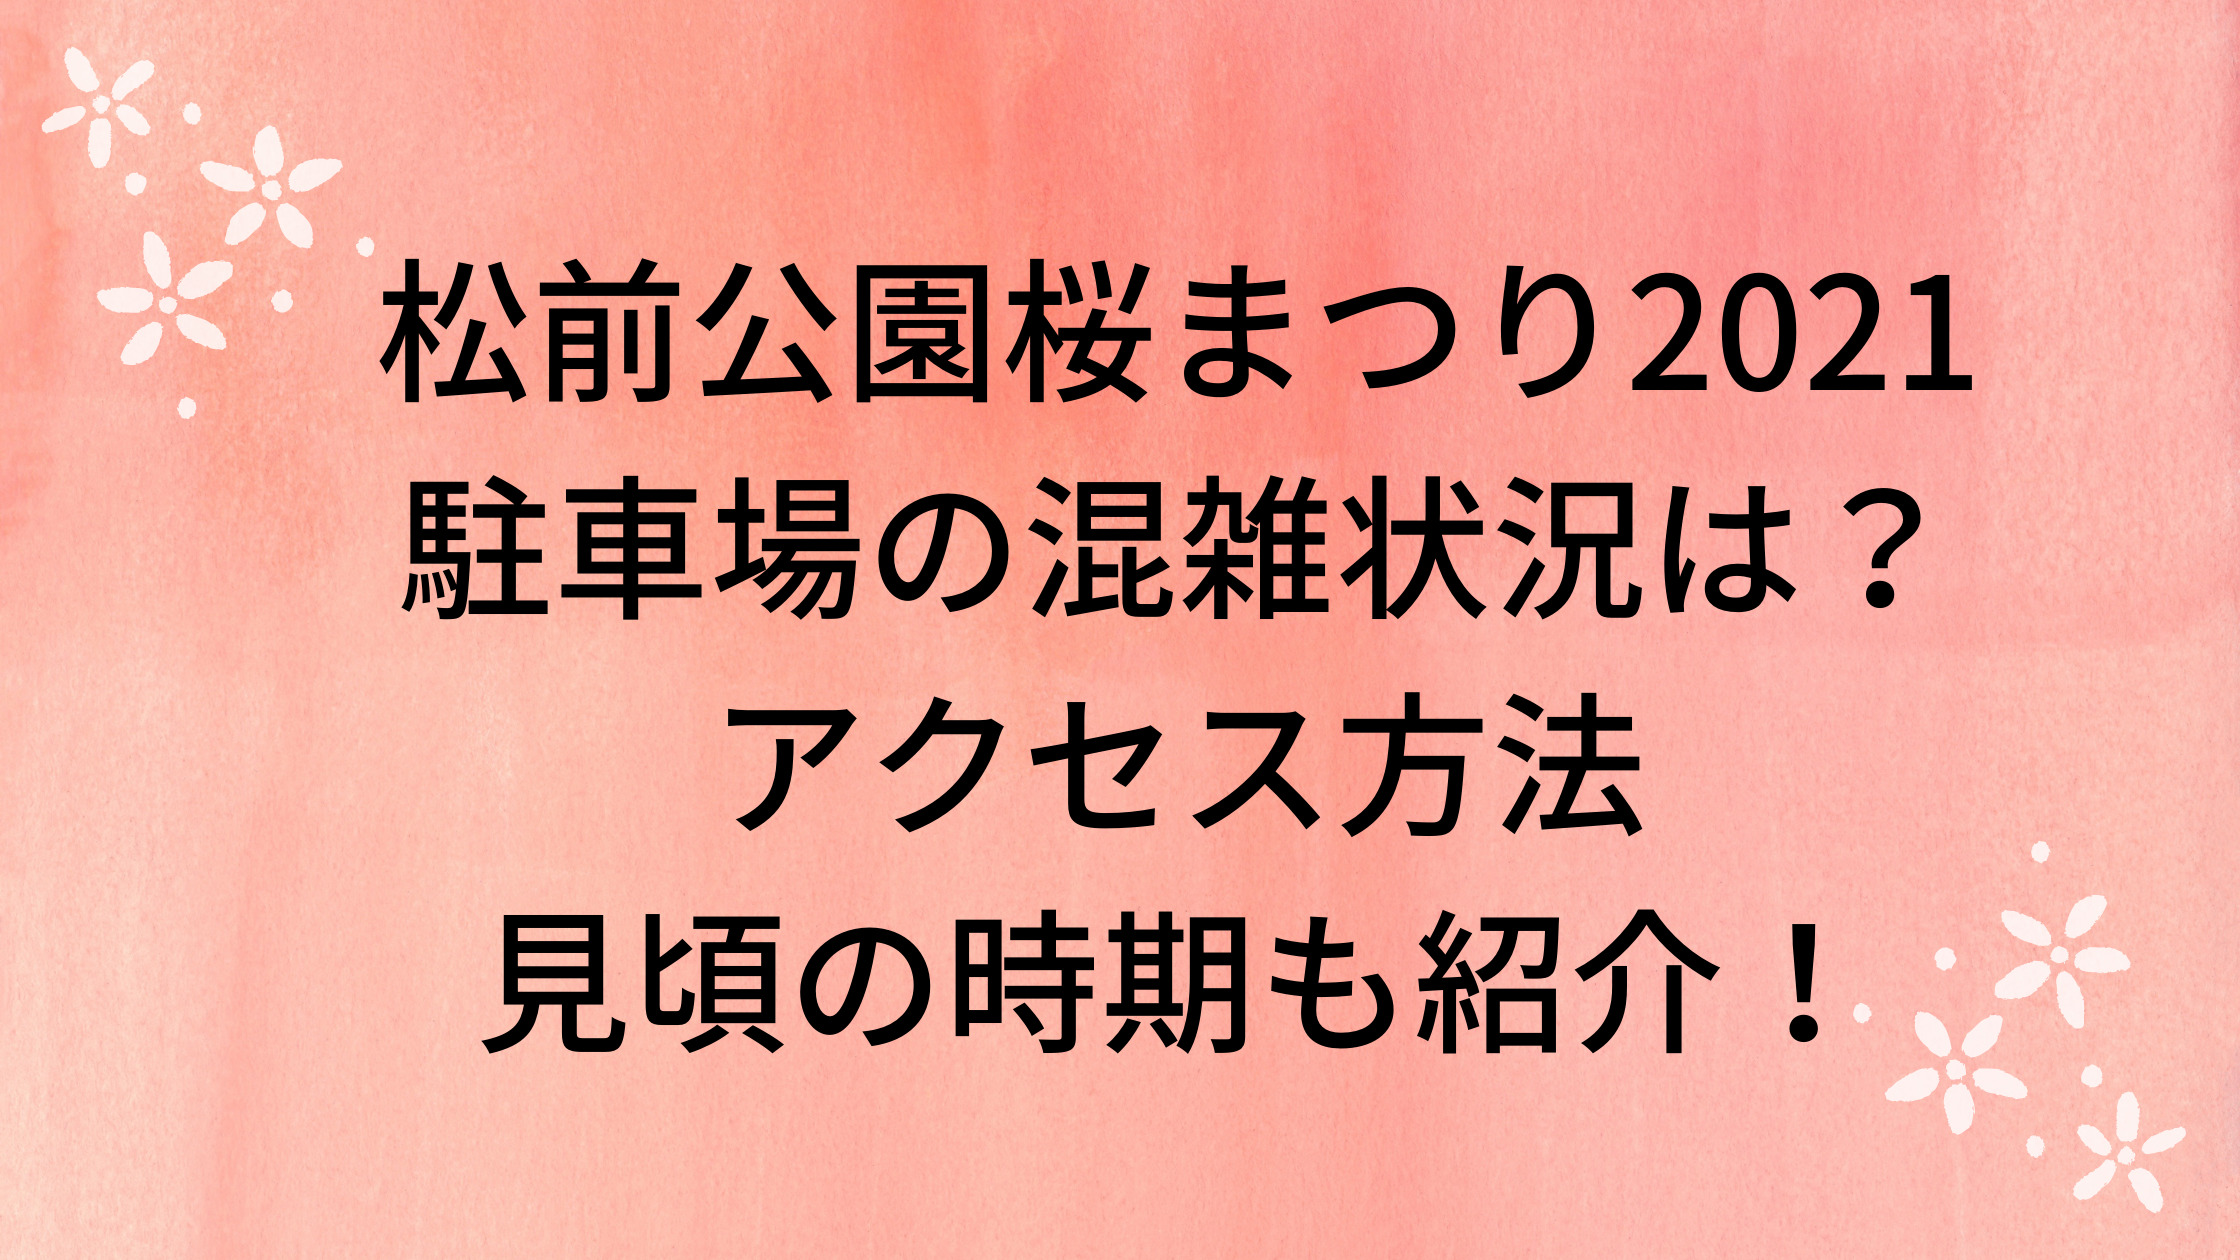 松前公園桜まつり2021の駐車場の混雑状況は?アクセス方法や見頃の時期も紹介!